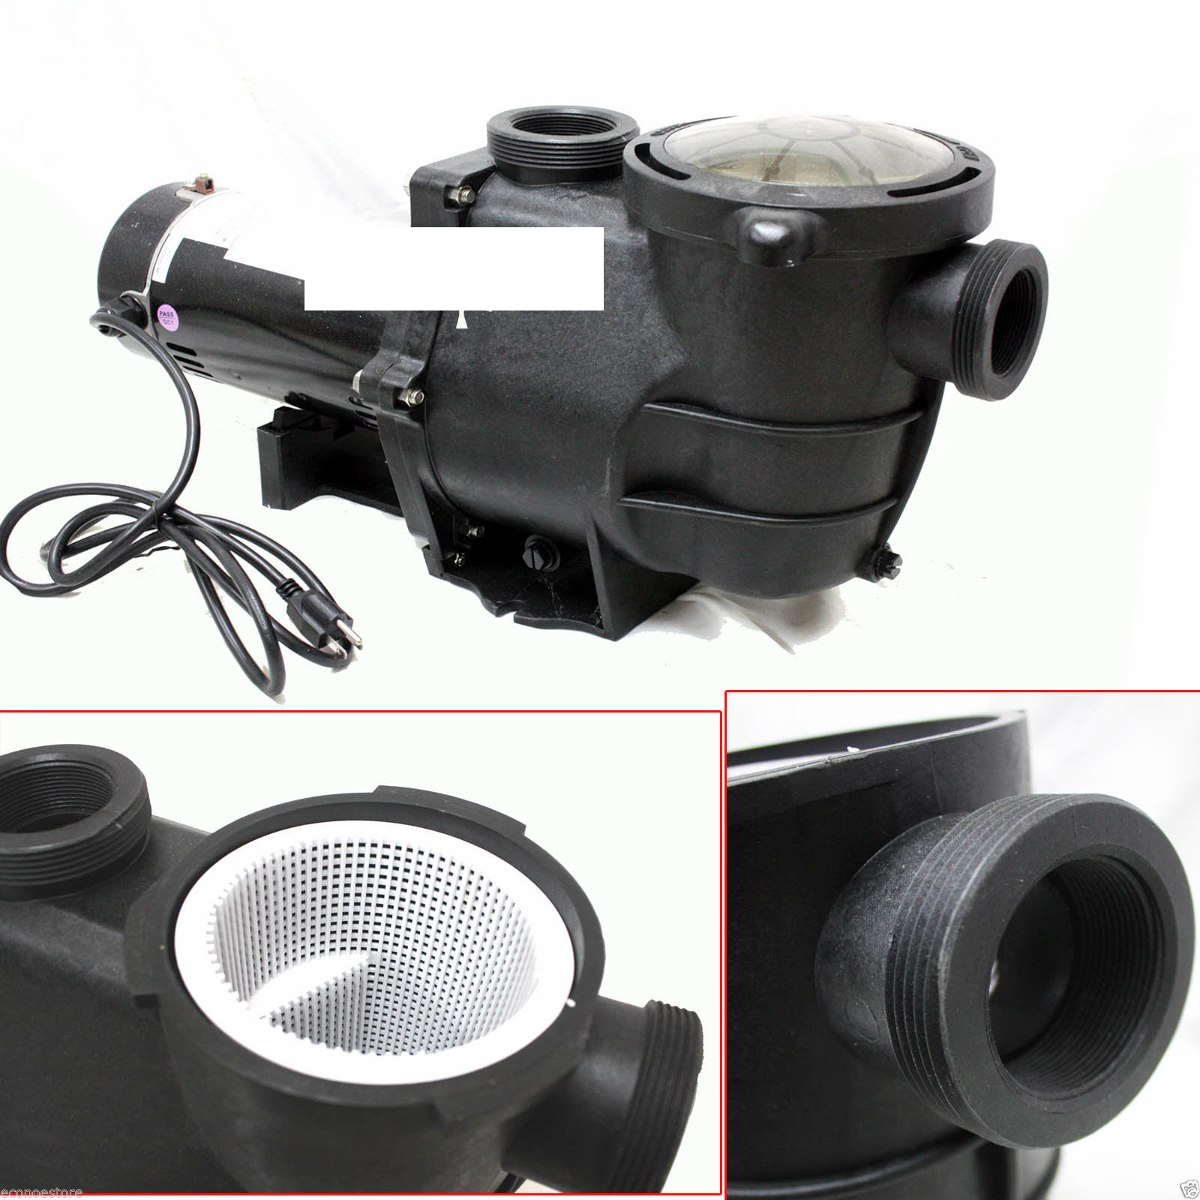 Bomba alberca de 1 hp con filtro de arena de 16 9 699 for Bomba para piscina con filtro